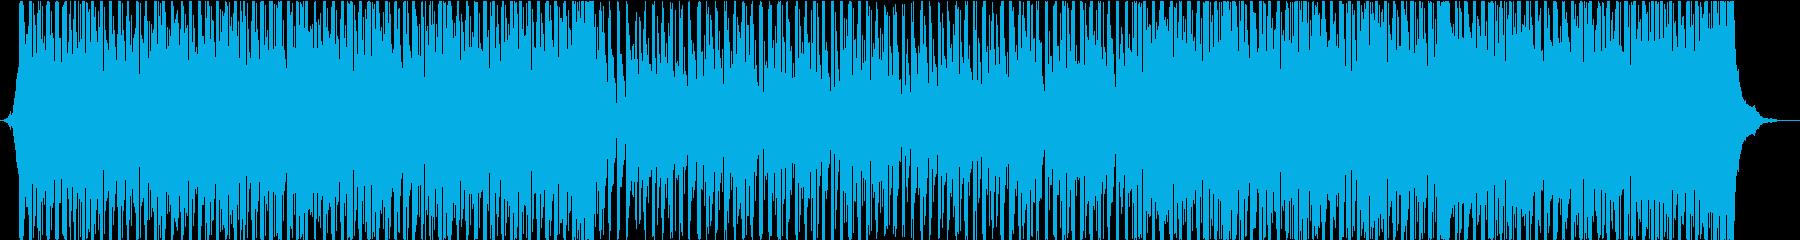 ティーン 代替案 ポップ コーポレ...の再生済みの波形